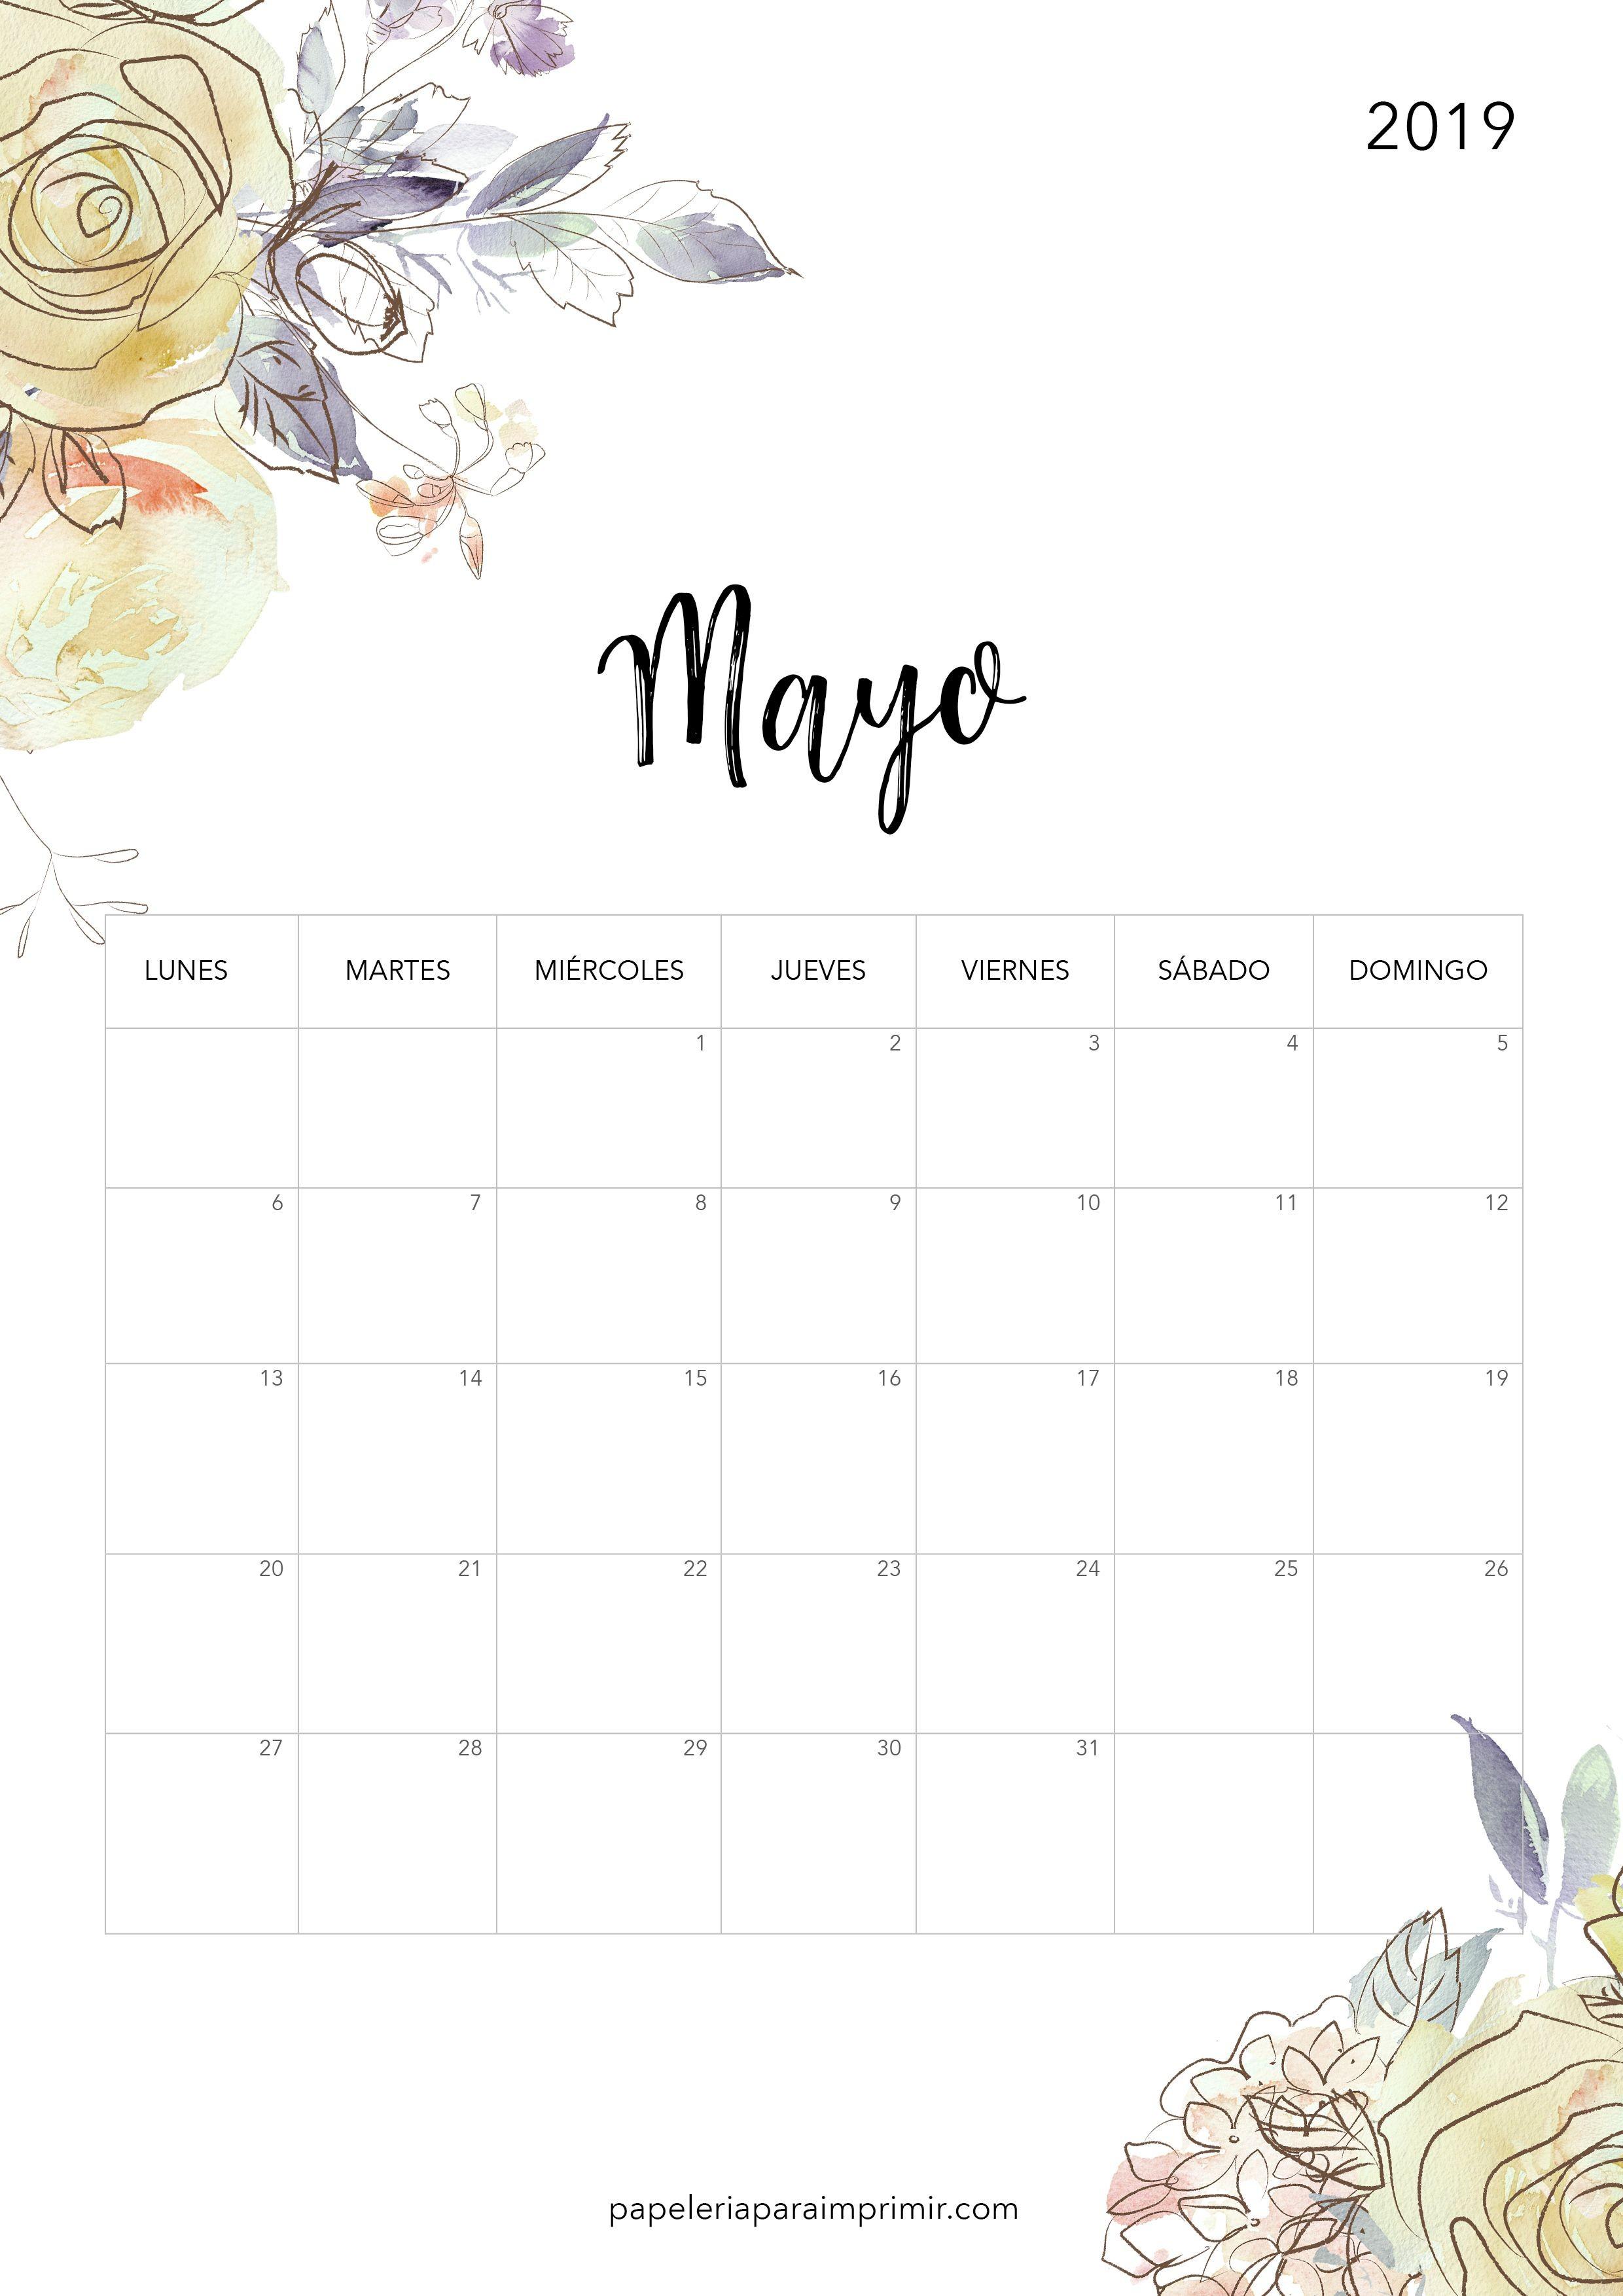 Calendario A Imprimir 2019 Más Caliente Calendario Para Imprimir 2019 Mayo Calendario Calendari Freebie